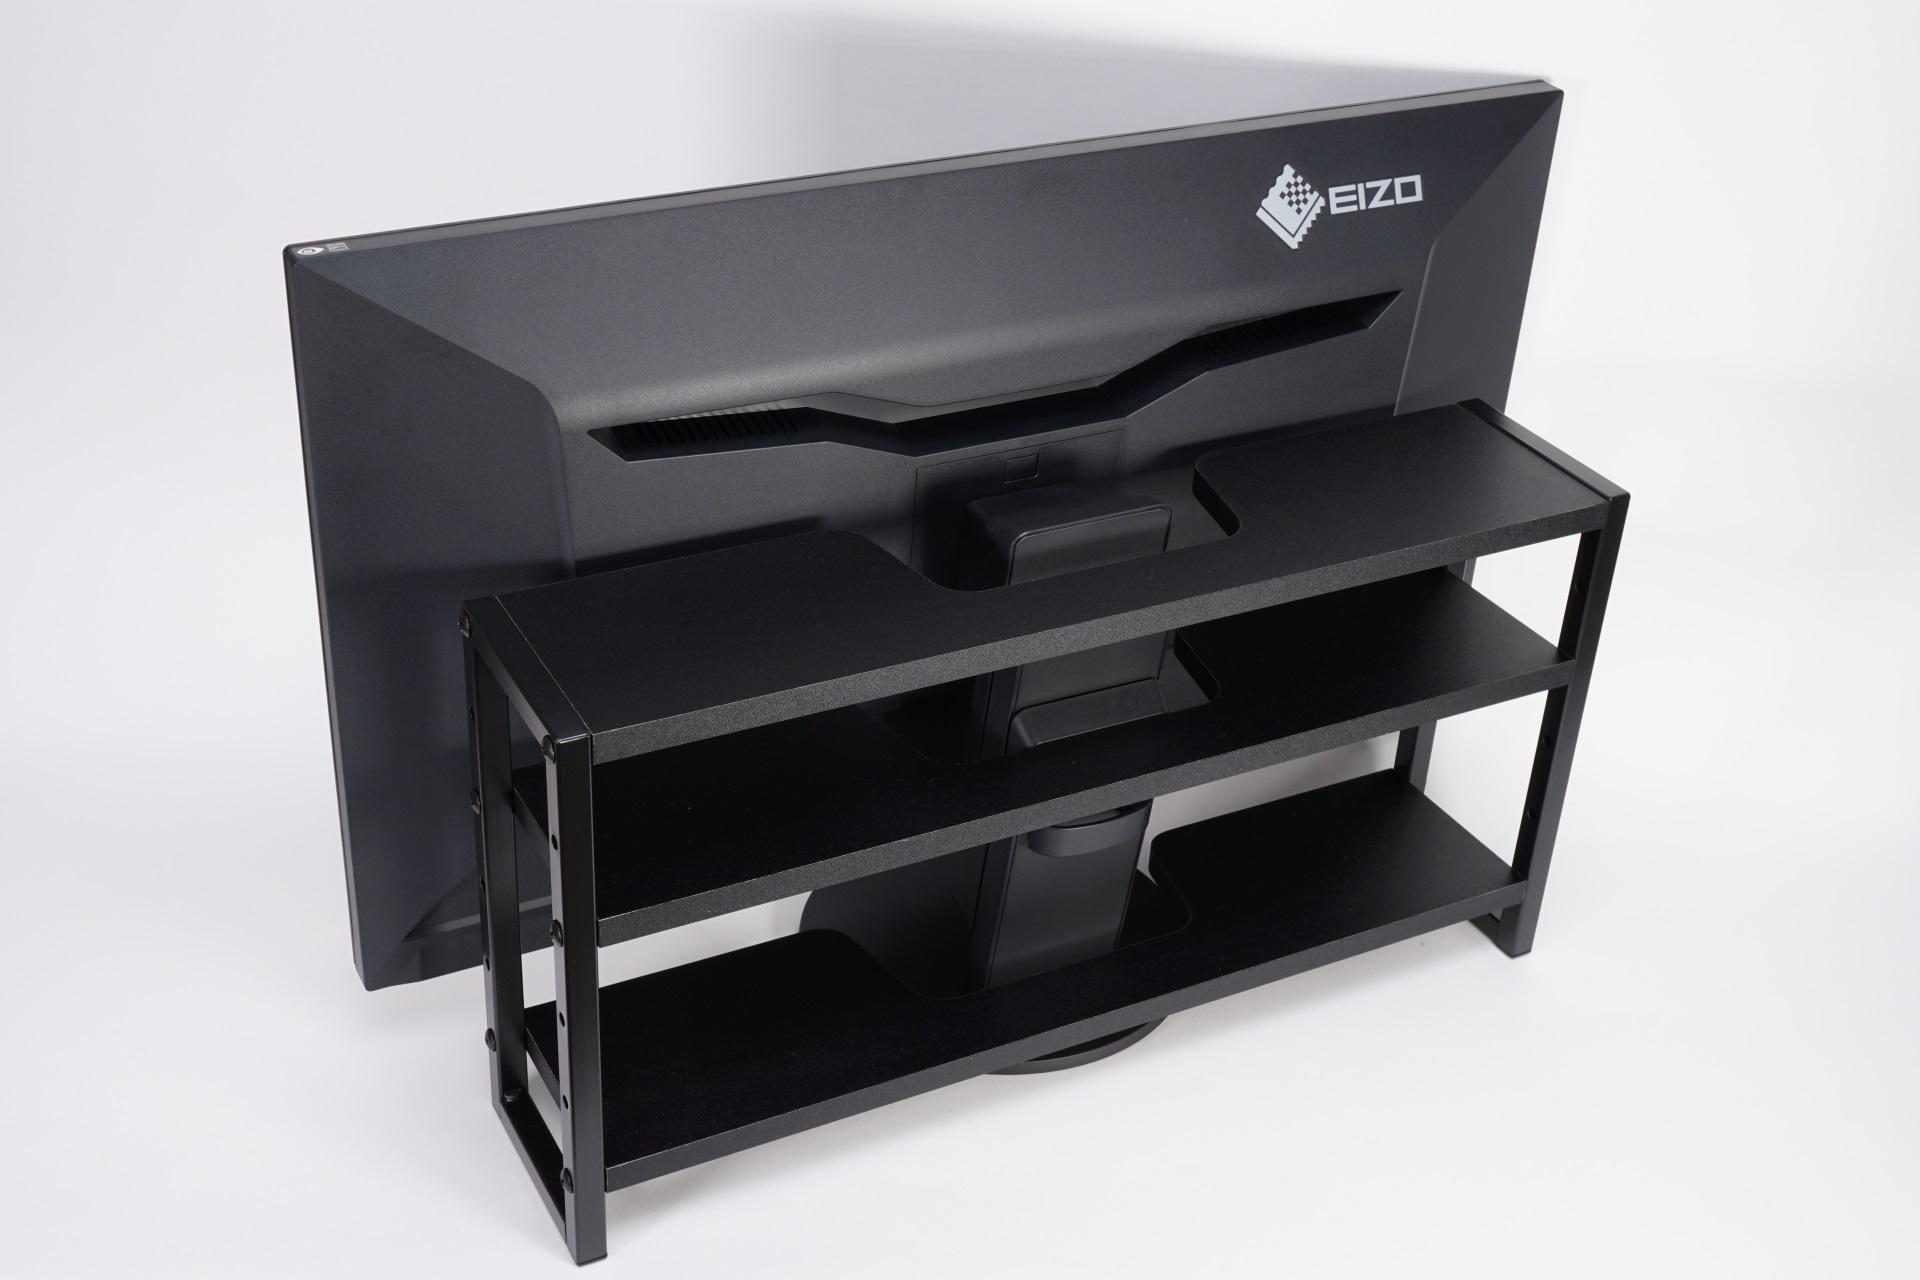 Photo of [구경꾼 미니 리뷰]ディスプレイの背面収納ラックに机がきれい! ゴチャゴチャ電源タップまたはACアダプタを正方形にまとめ – PC Watch